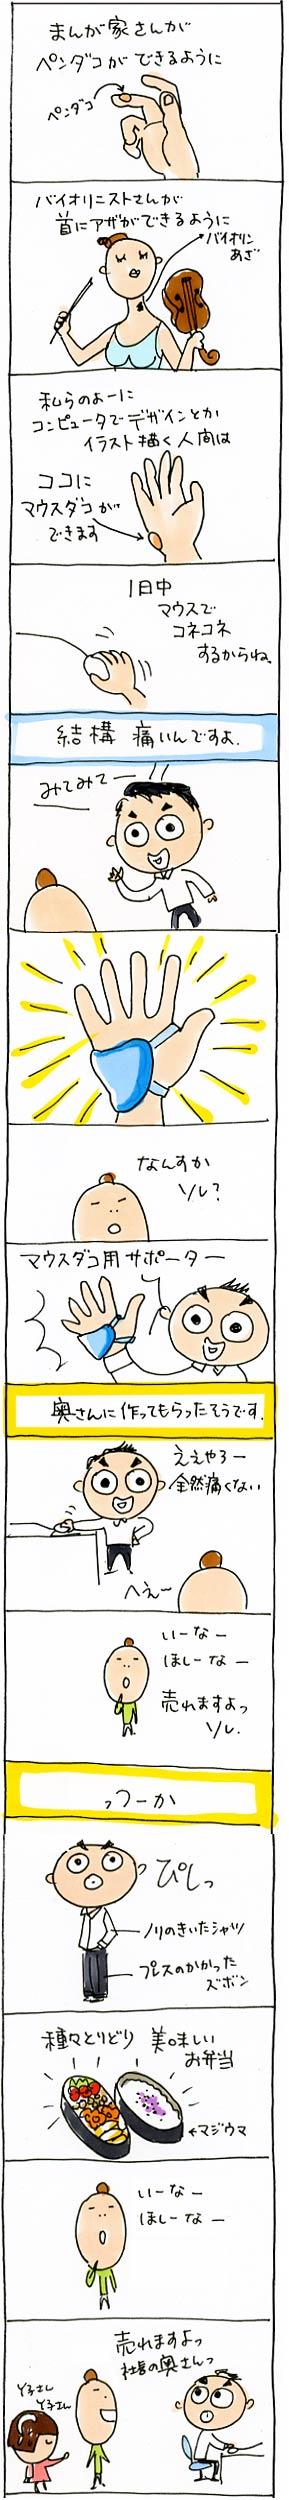 マウスダコ